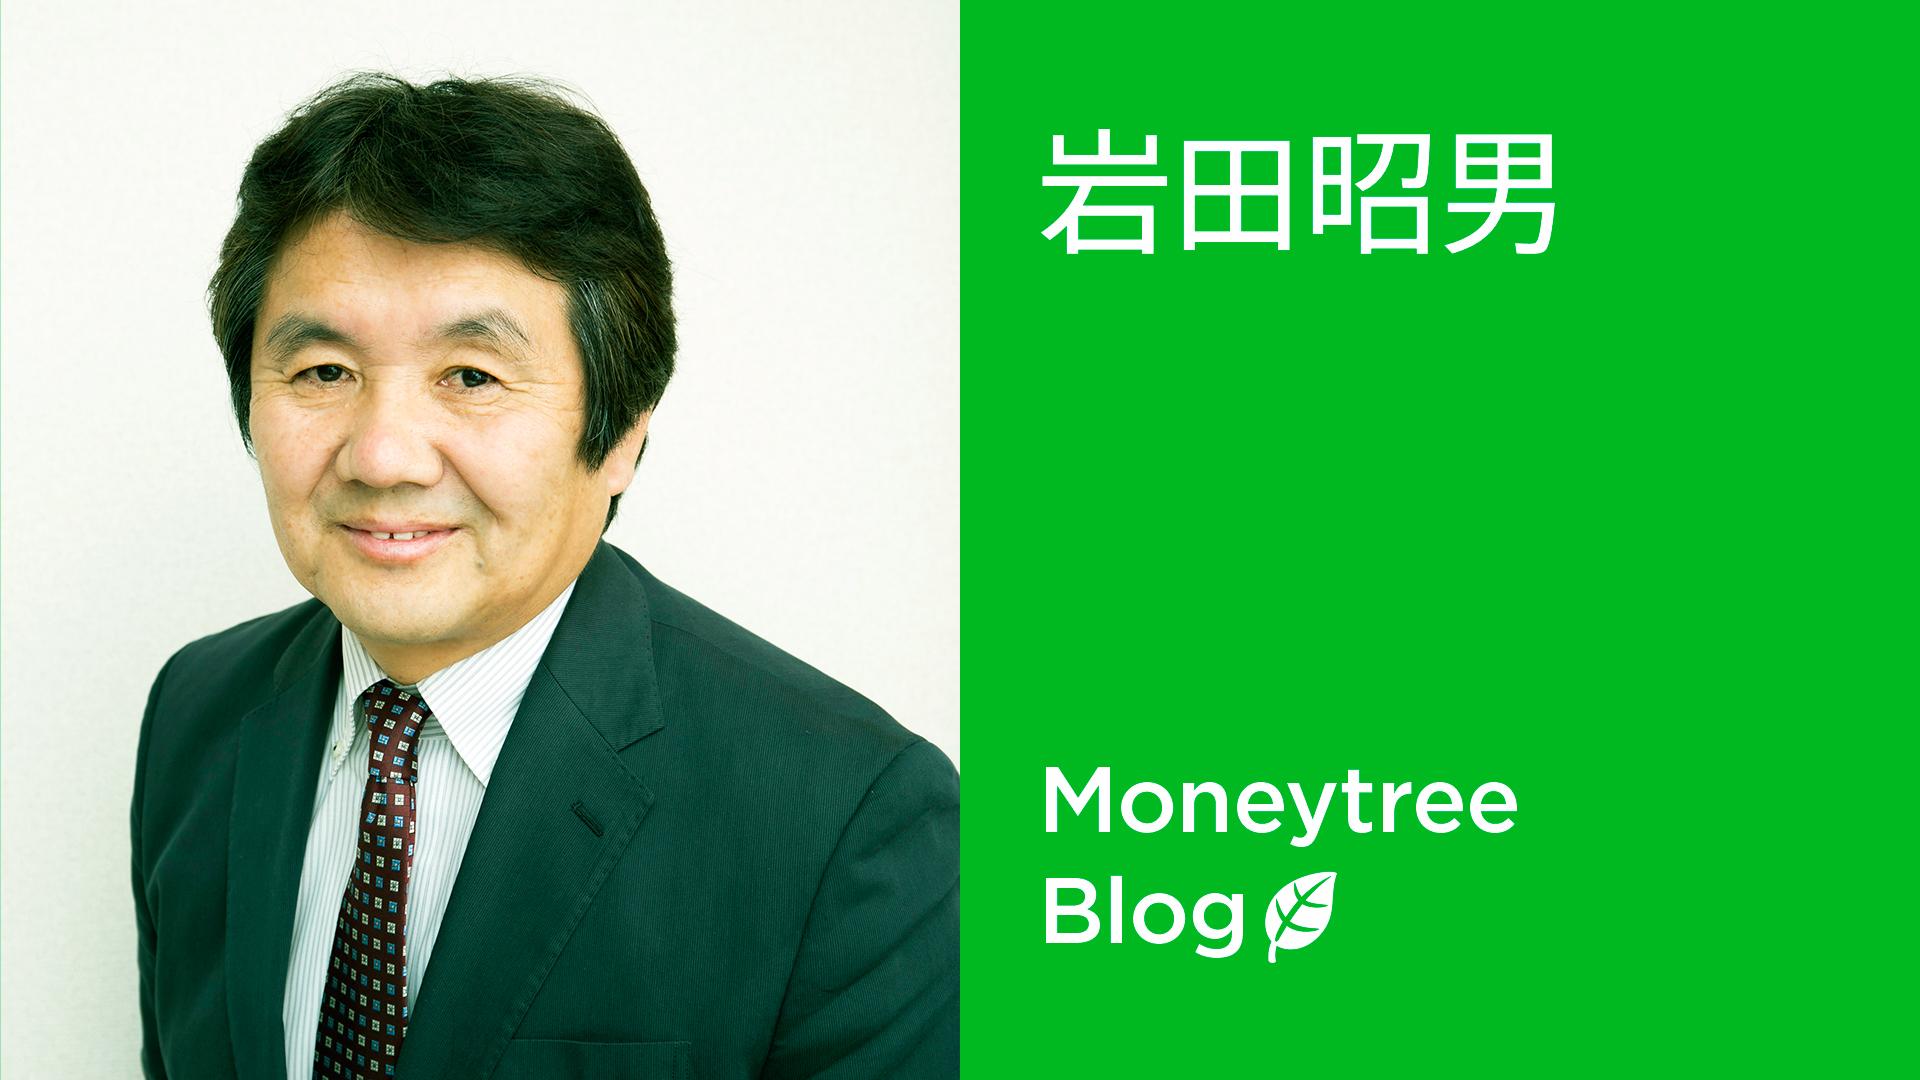 第1回:ポイントライフに欠かせない「Moneytree」